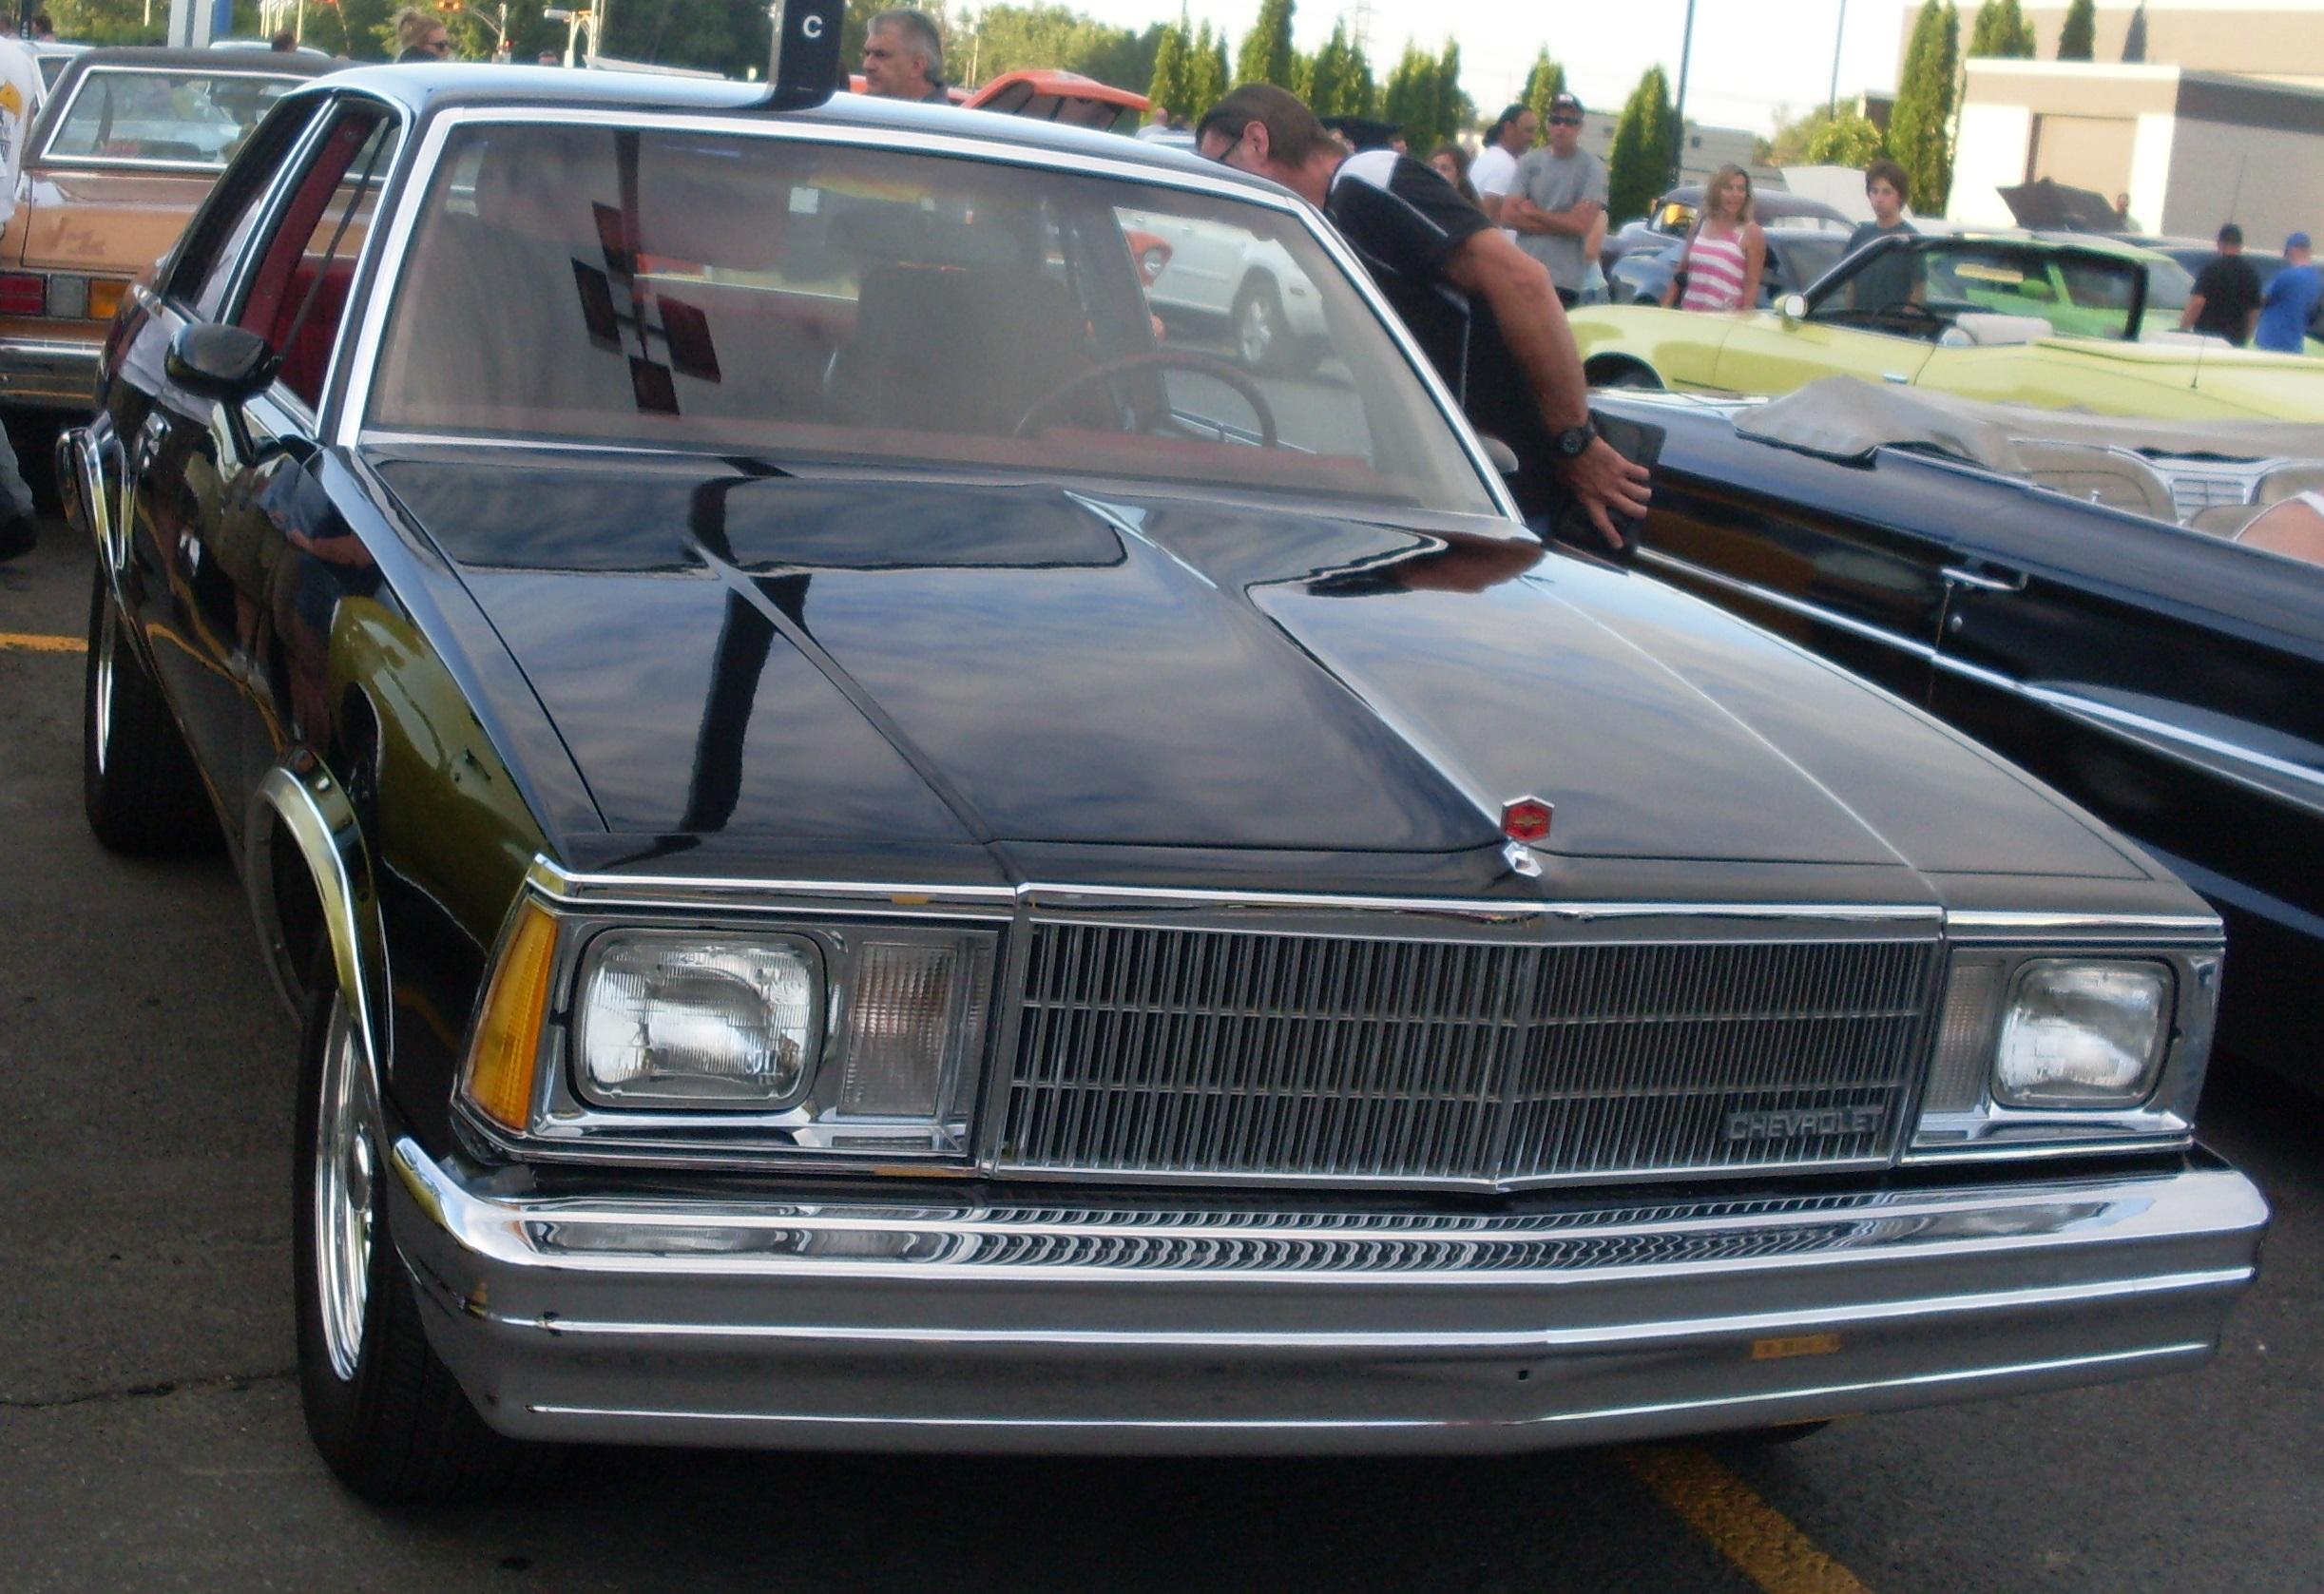 File:'80_Chevrolet_Malibu_Coupe_(Auto_classique_St Constant_'13)on 1980 Chevrolet Malibu